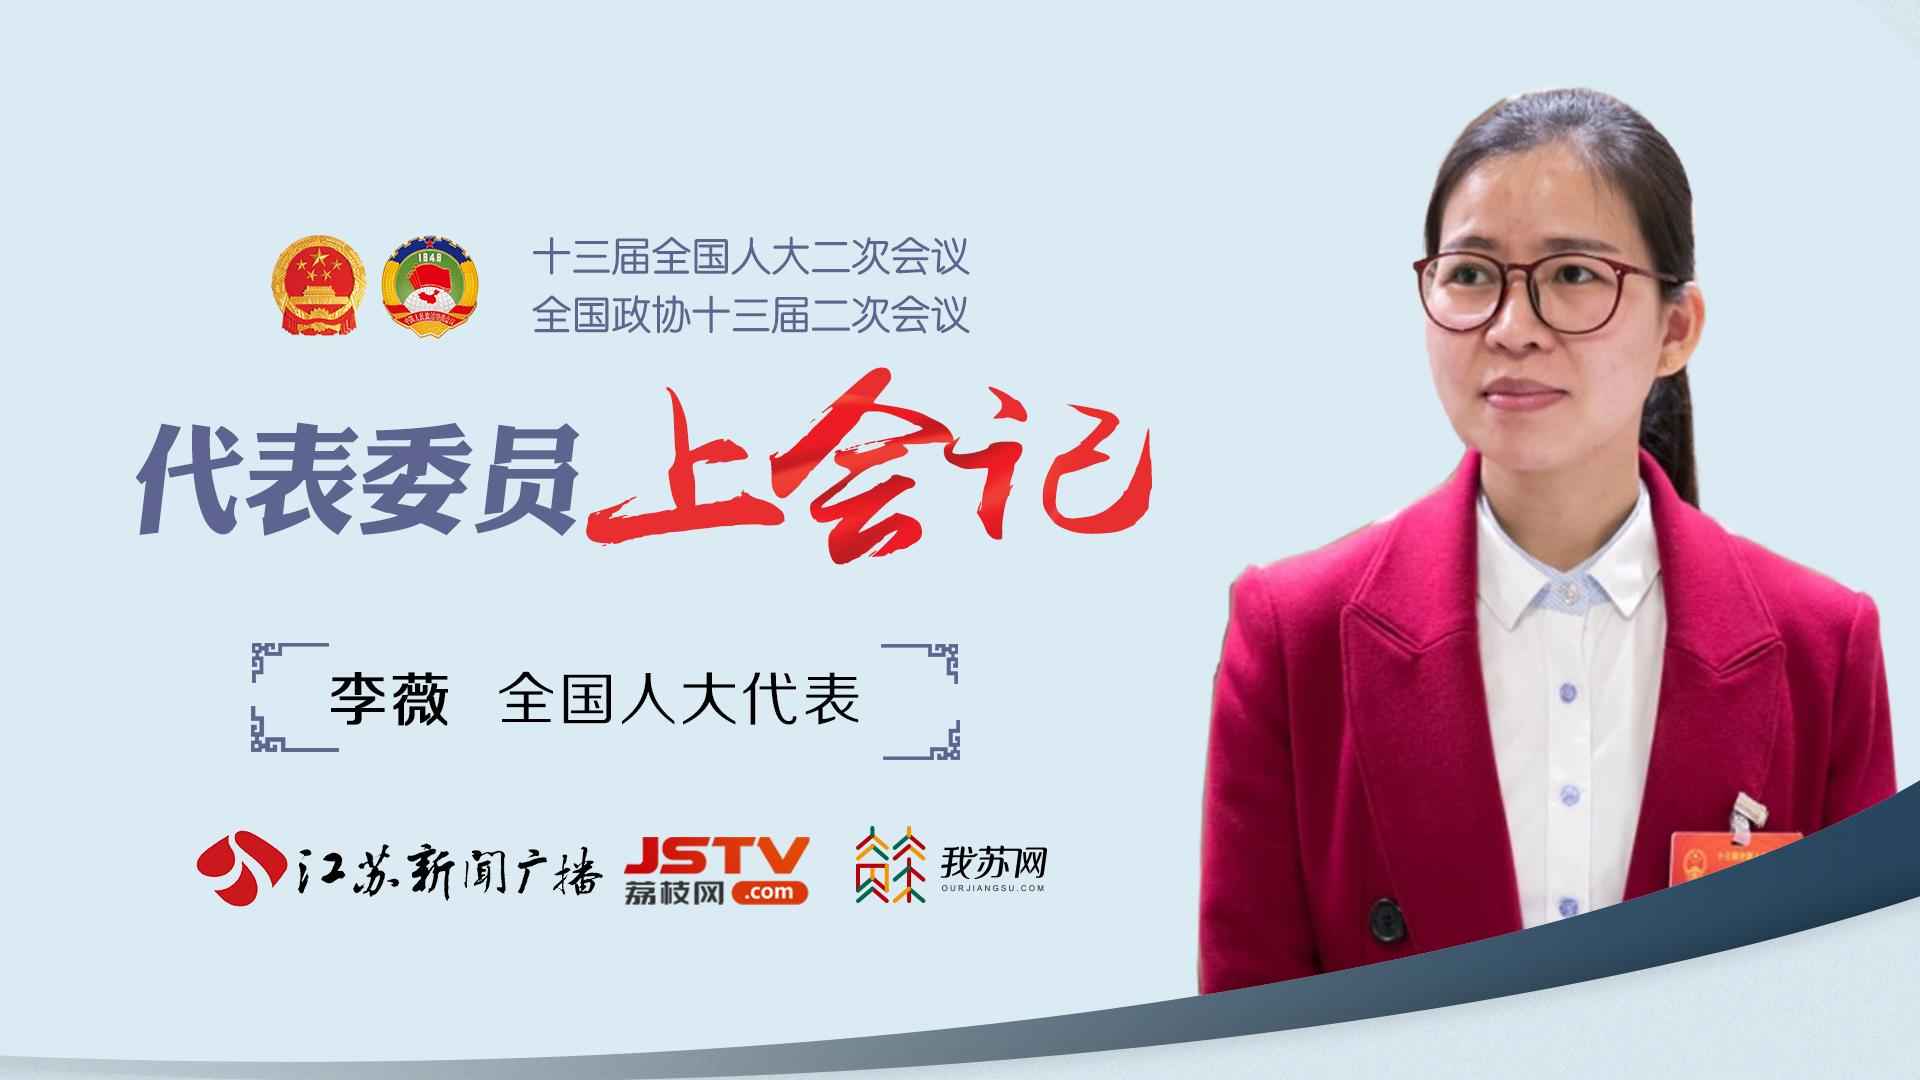 【代表委员上会记】李薇:希望知识产权保护更到位